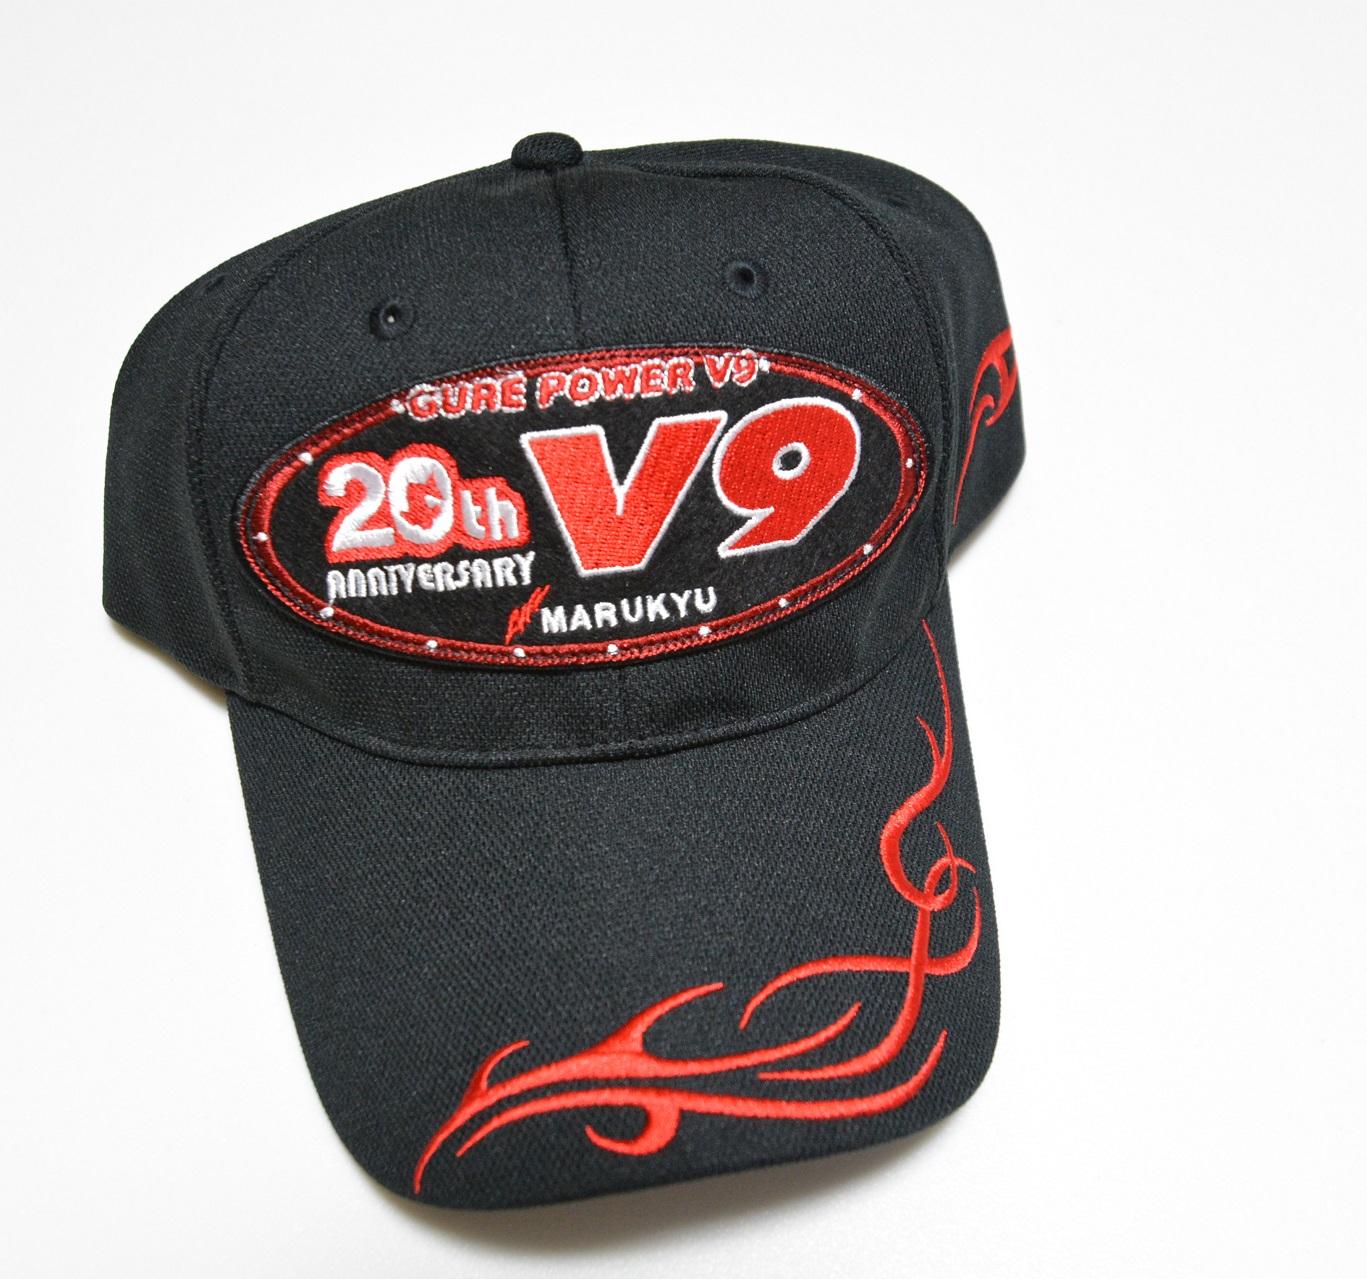 2017年02月18日 グレパワーV9発売20周年感謝キャンペーン, 帽子